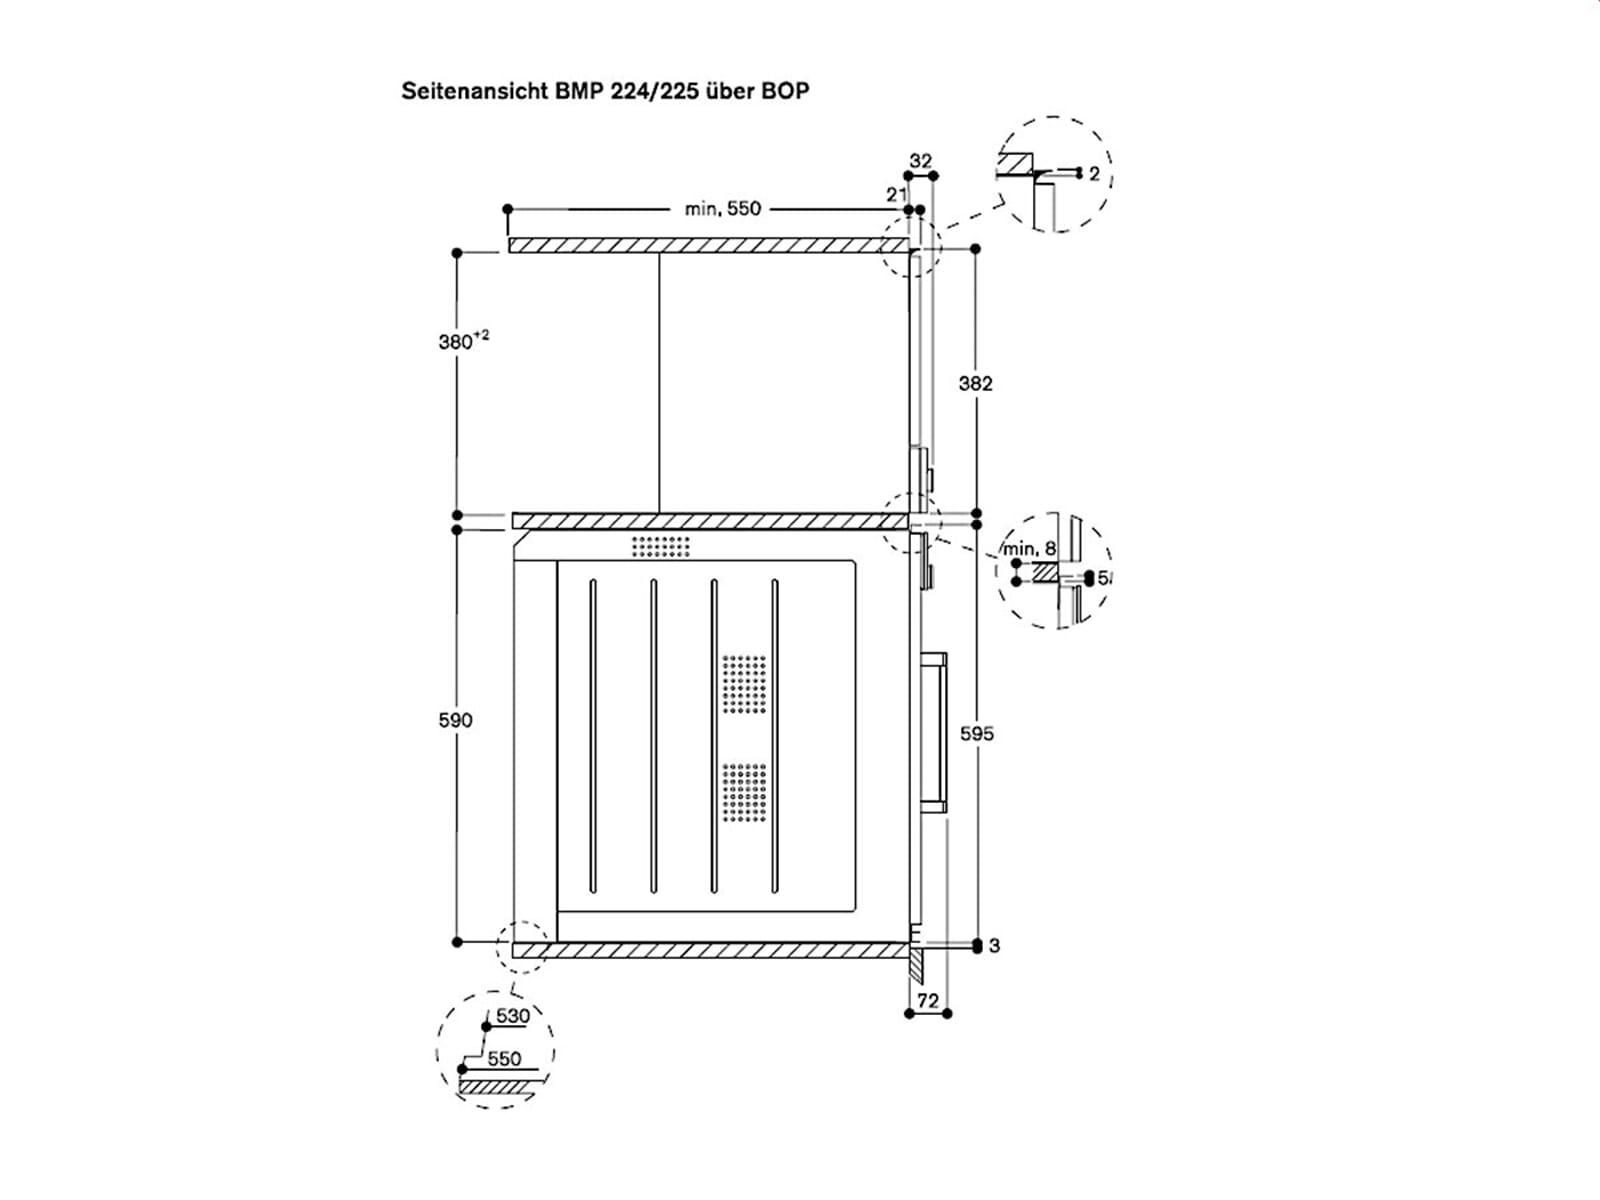 Gaggenau BMP 224 130 Einbau-Mikrowelle Serie 200 Silber